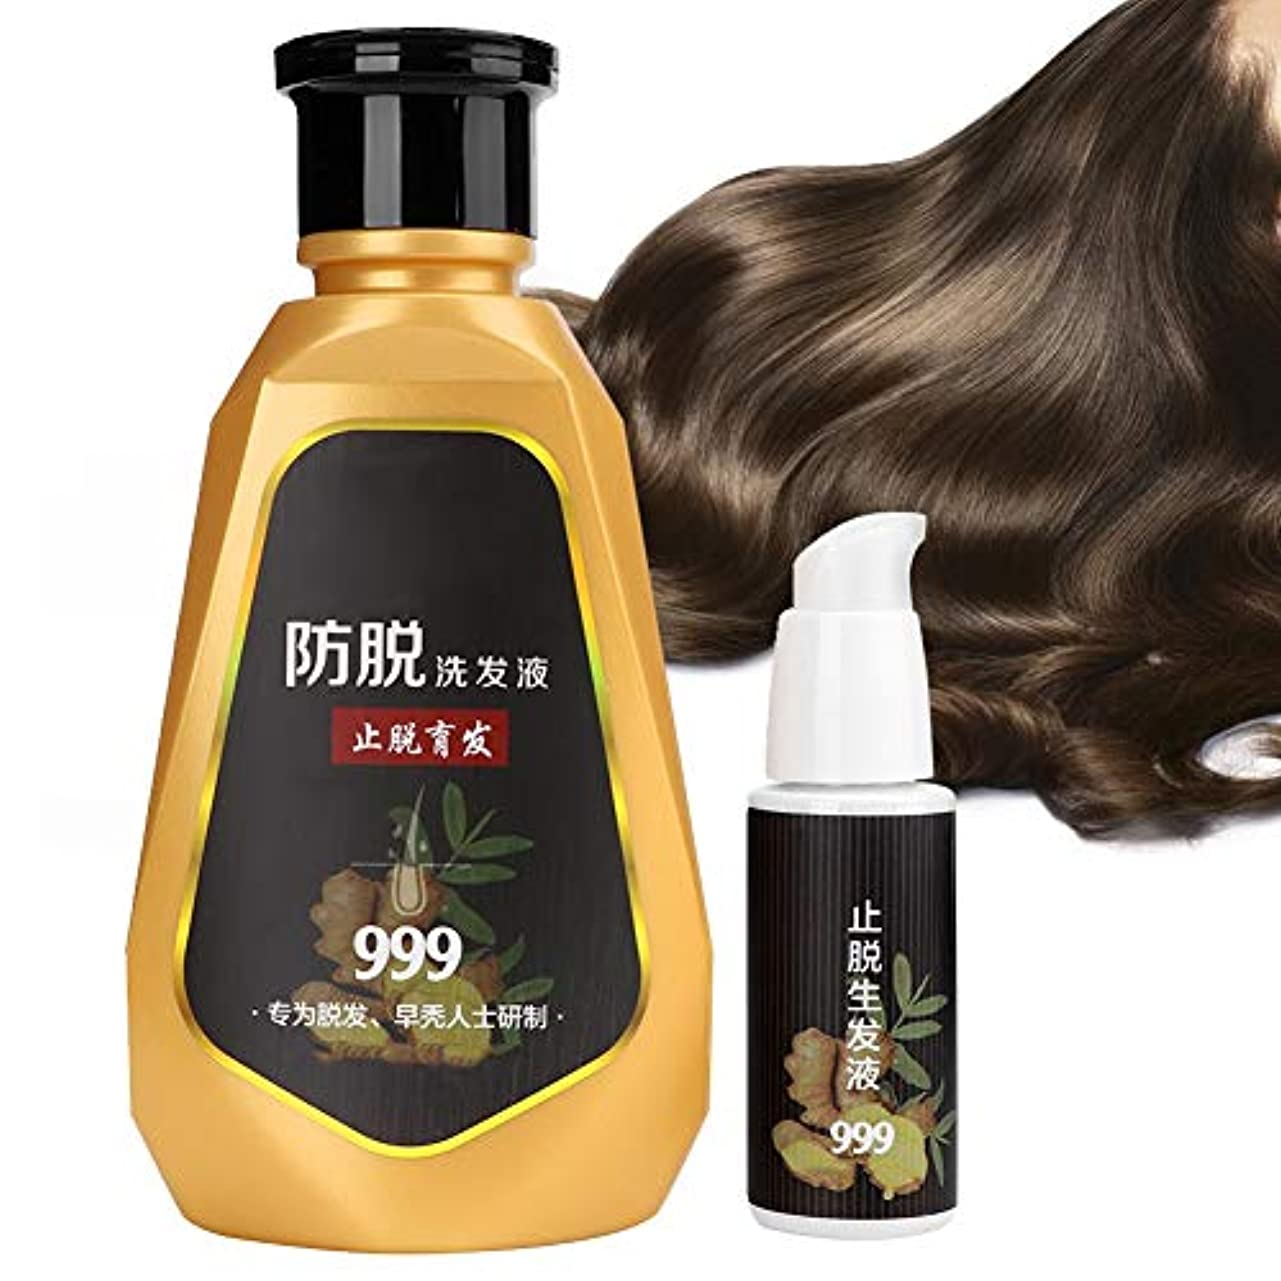 会計外交問題ギャングスター400 mlヘアシャンプー、プロジンジャーアンチ脱毛オイルコントロールヘアシャンプー40 ml育毛液で脱毛に効果的な援助